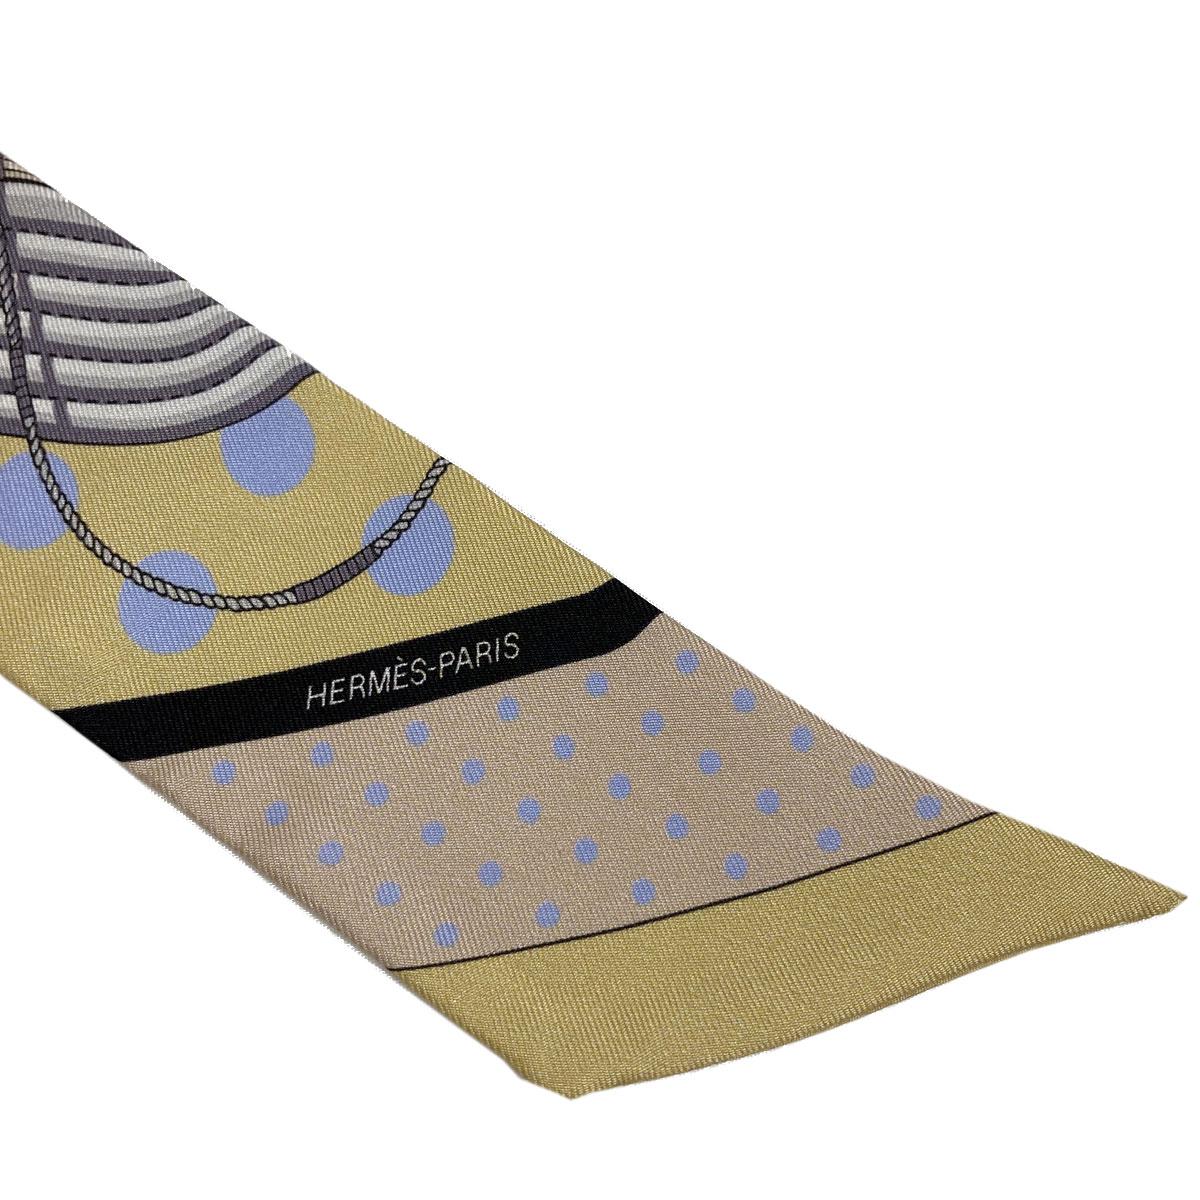 HERMES エルメス スカーフ ツイリー シルク100% イエロー系